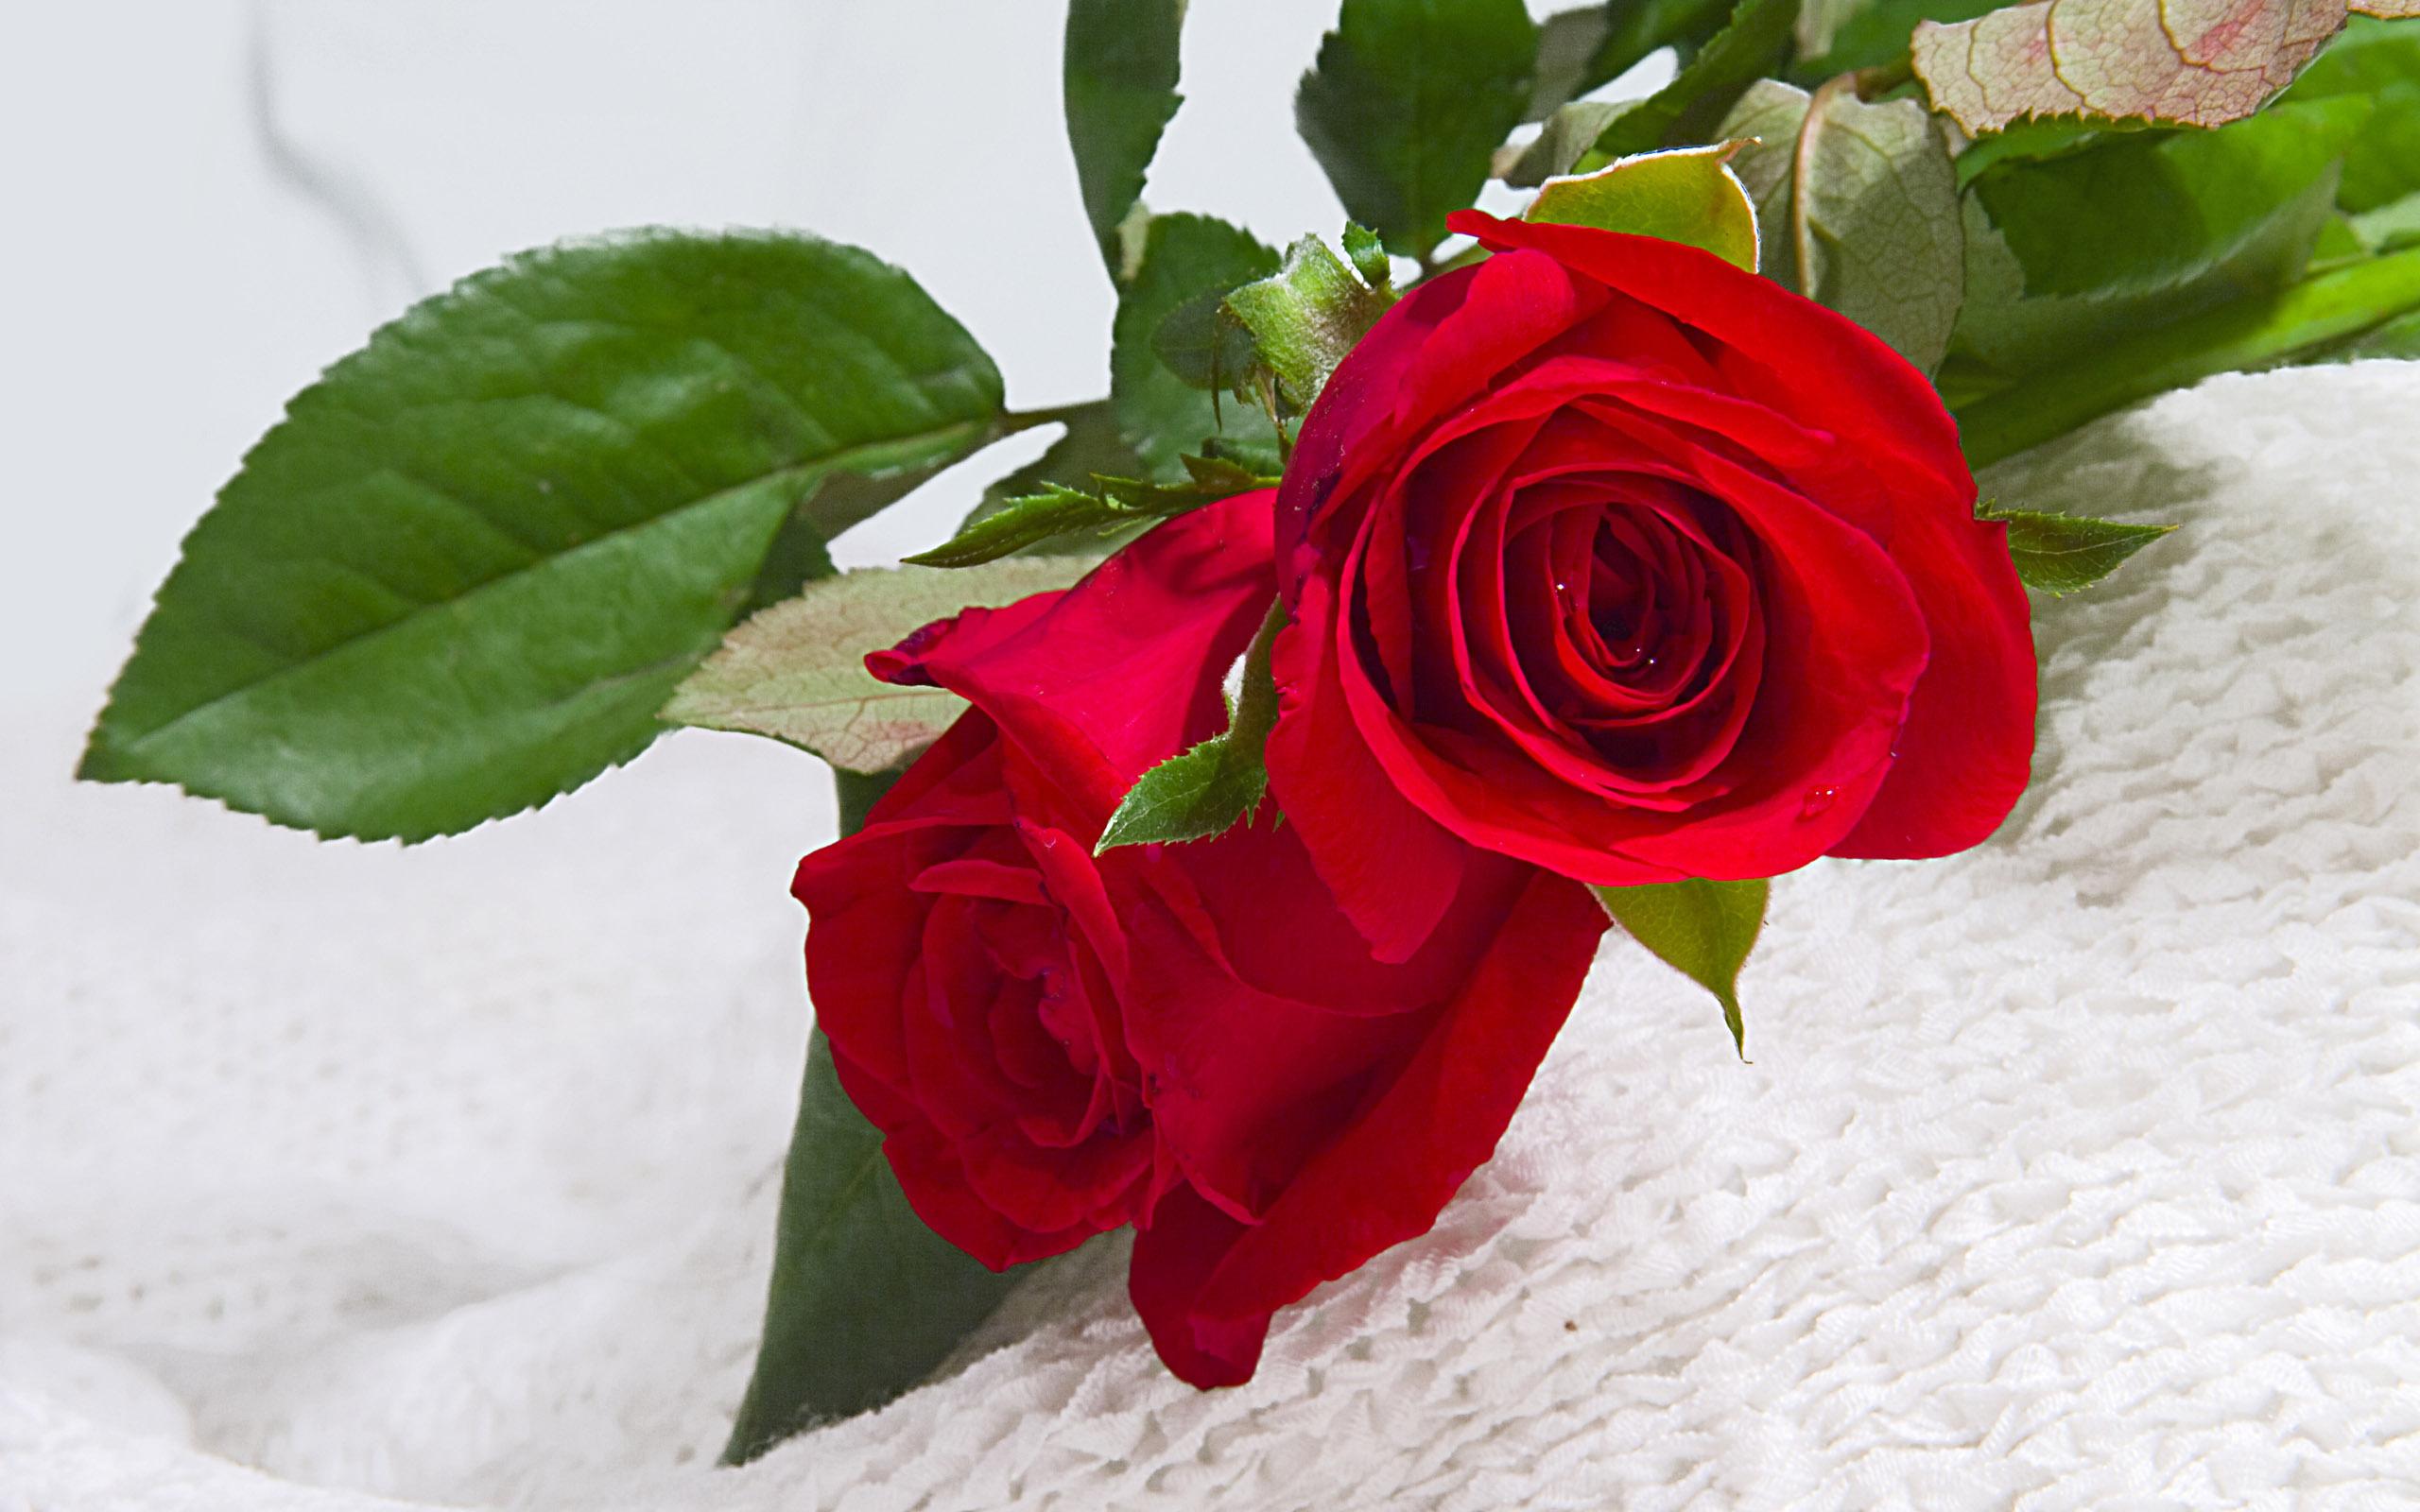 46555 скачать обои Растения, Цветы, Розы - заставки и картинки бесплатно